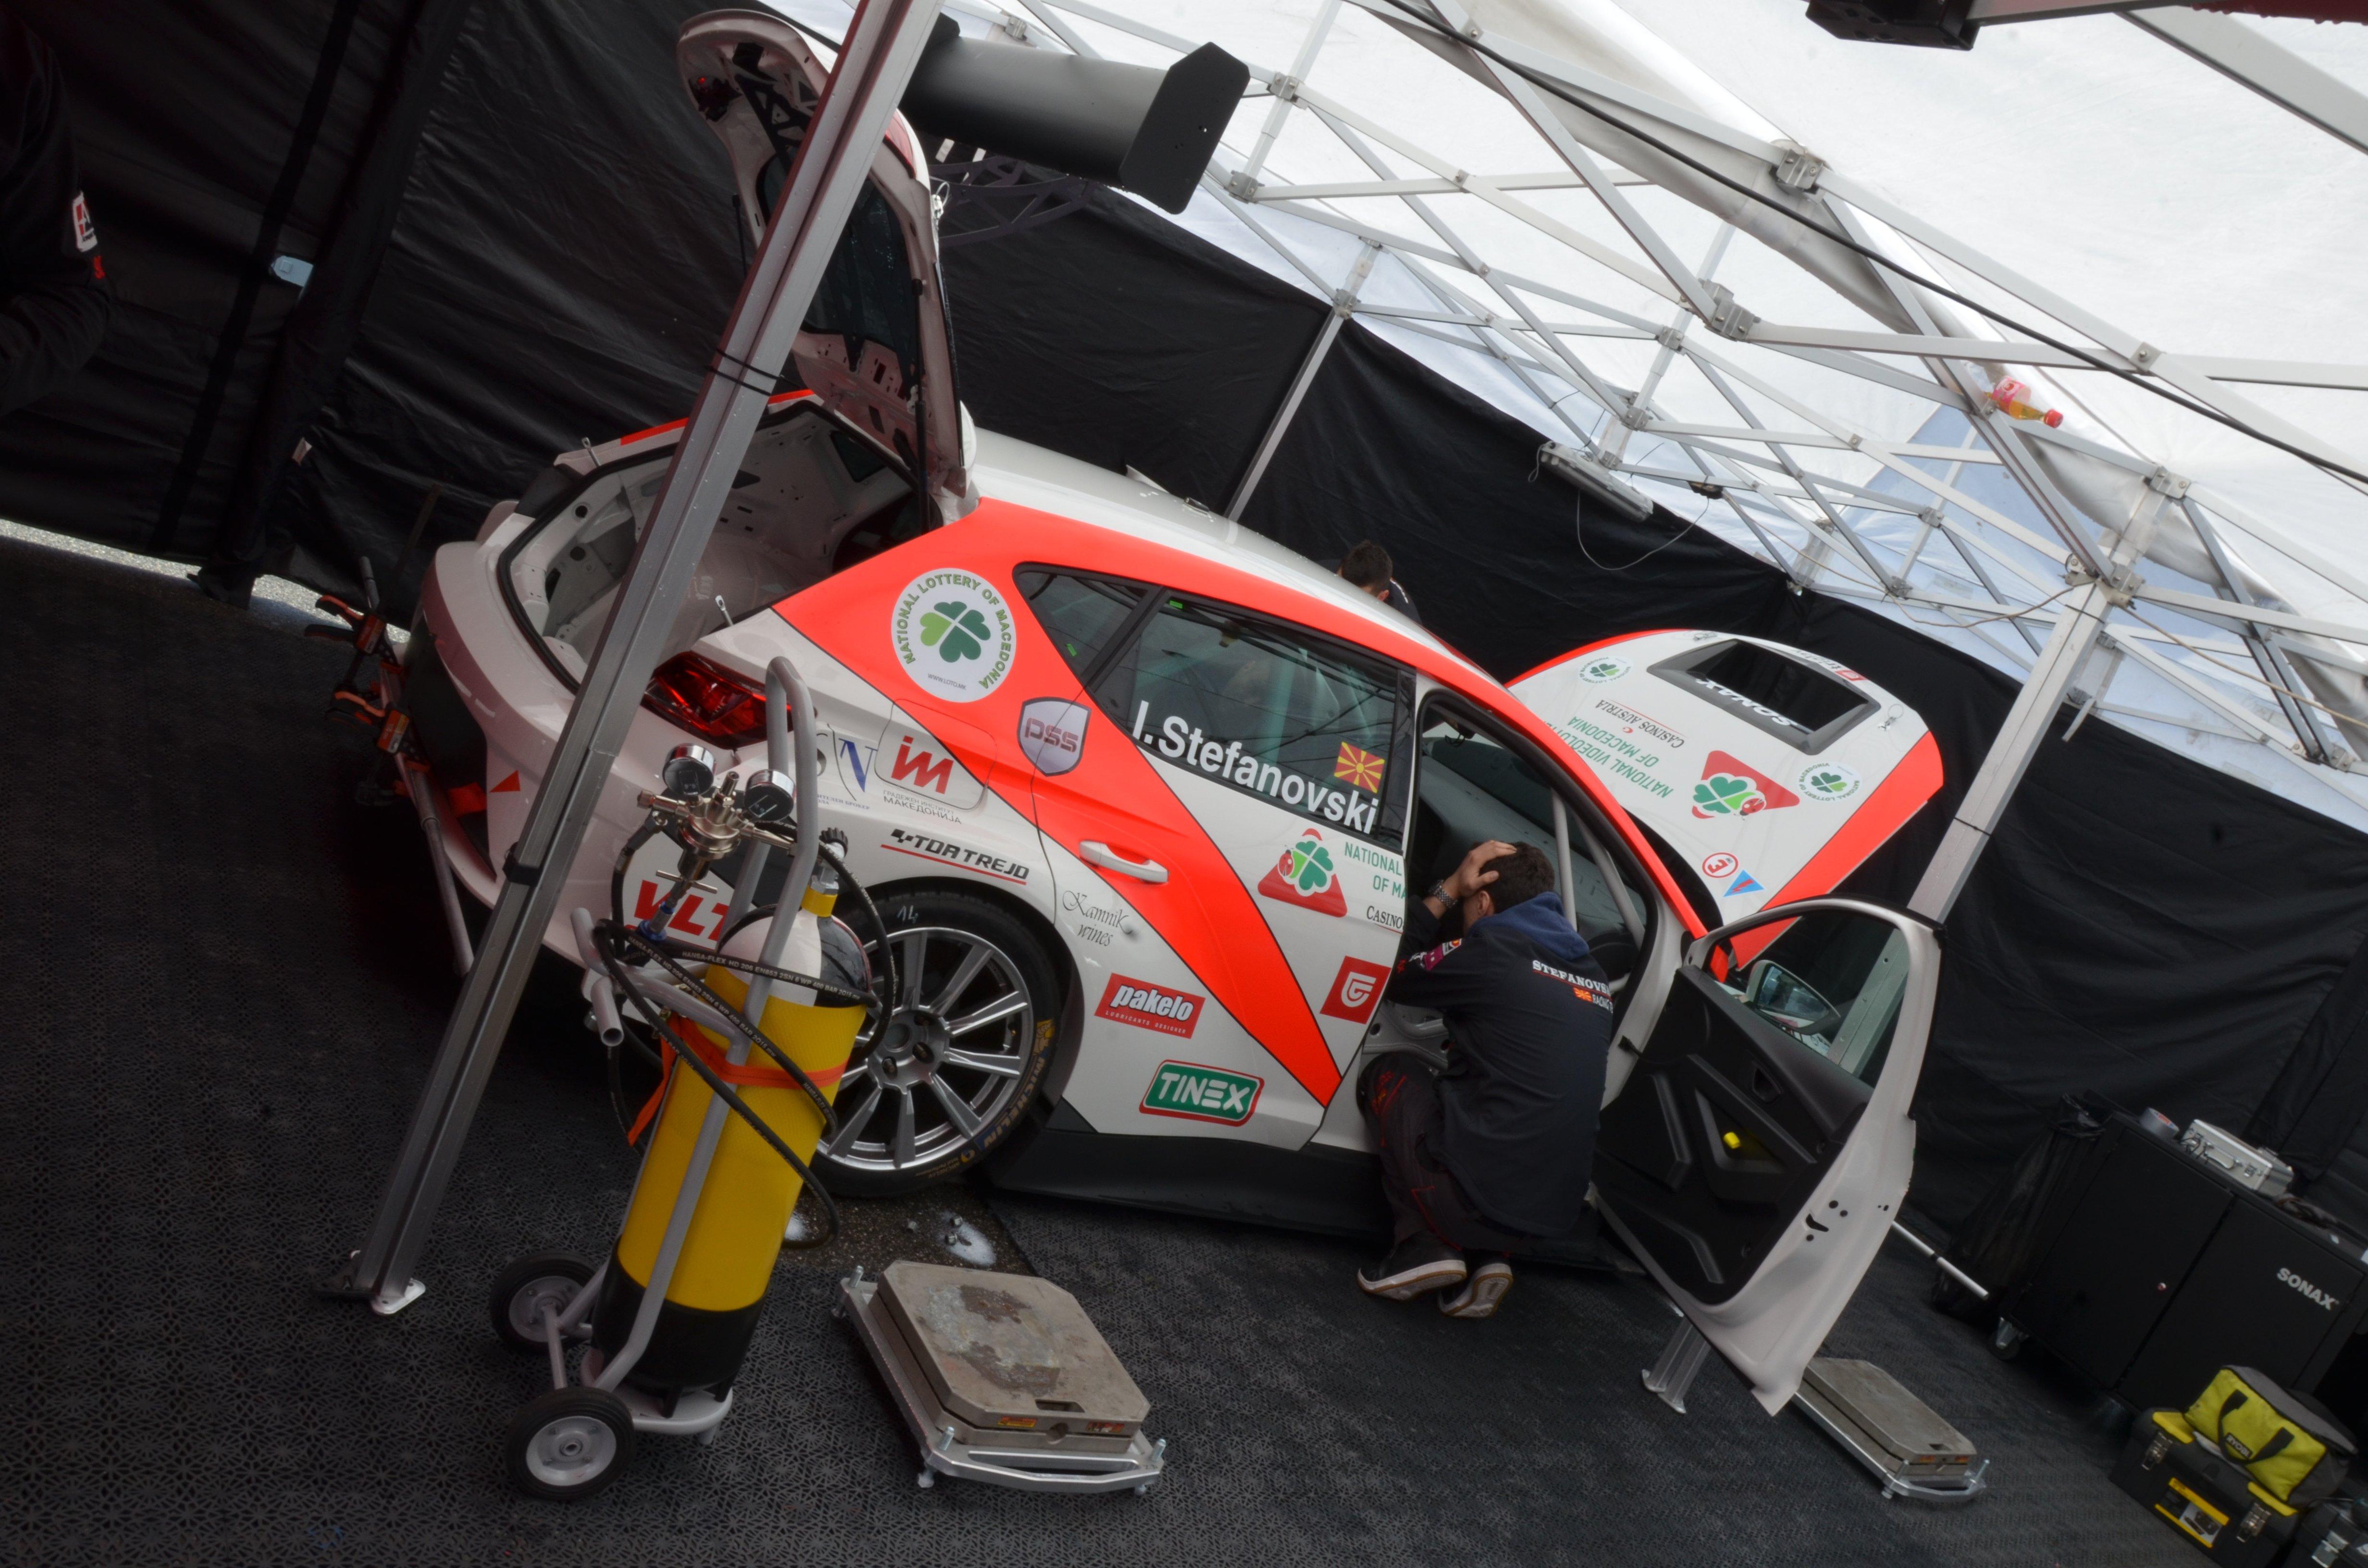 ETCC  АКК Stefanovski Racing пристигна на Монца  што да очекувате денес